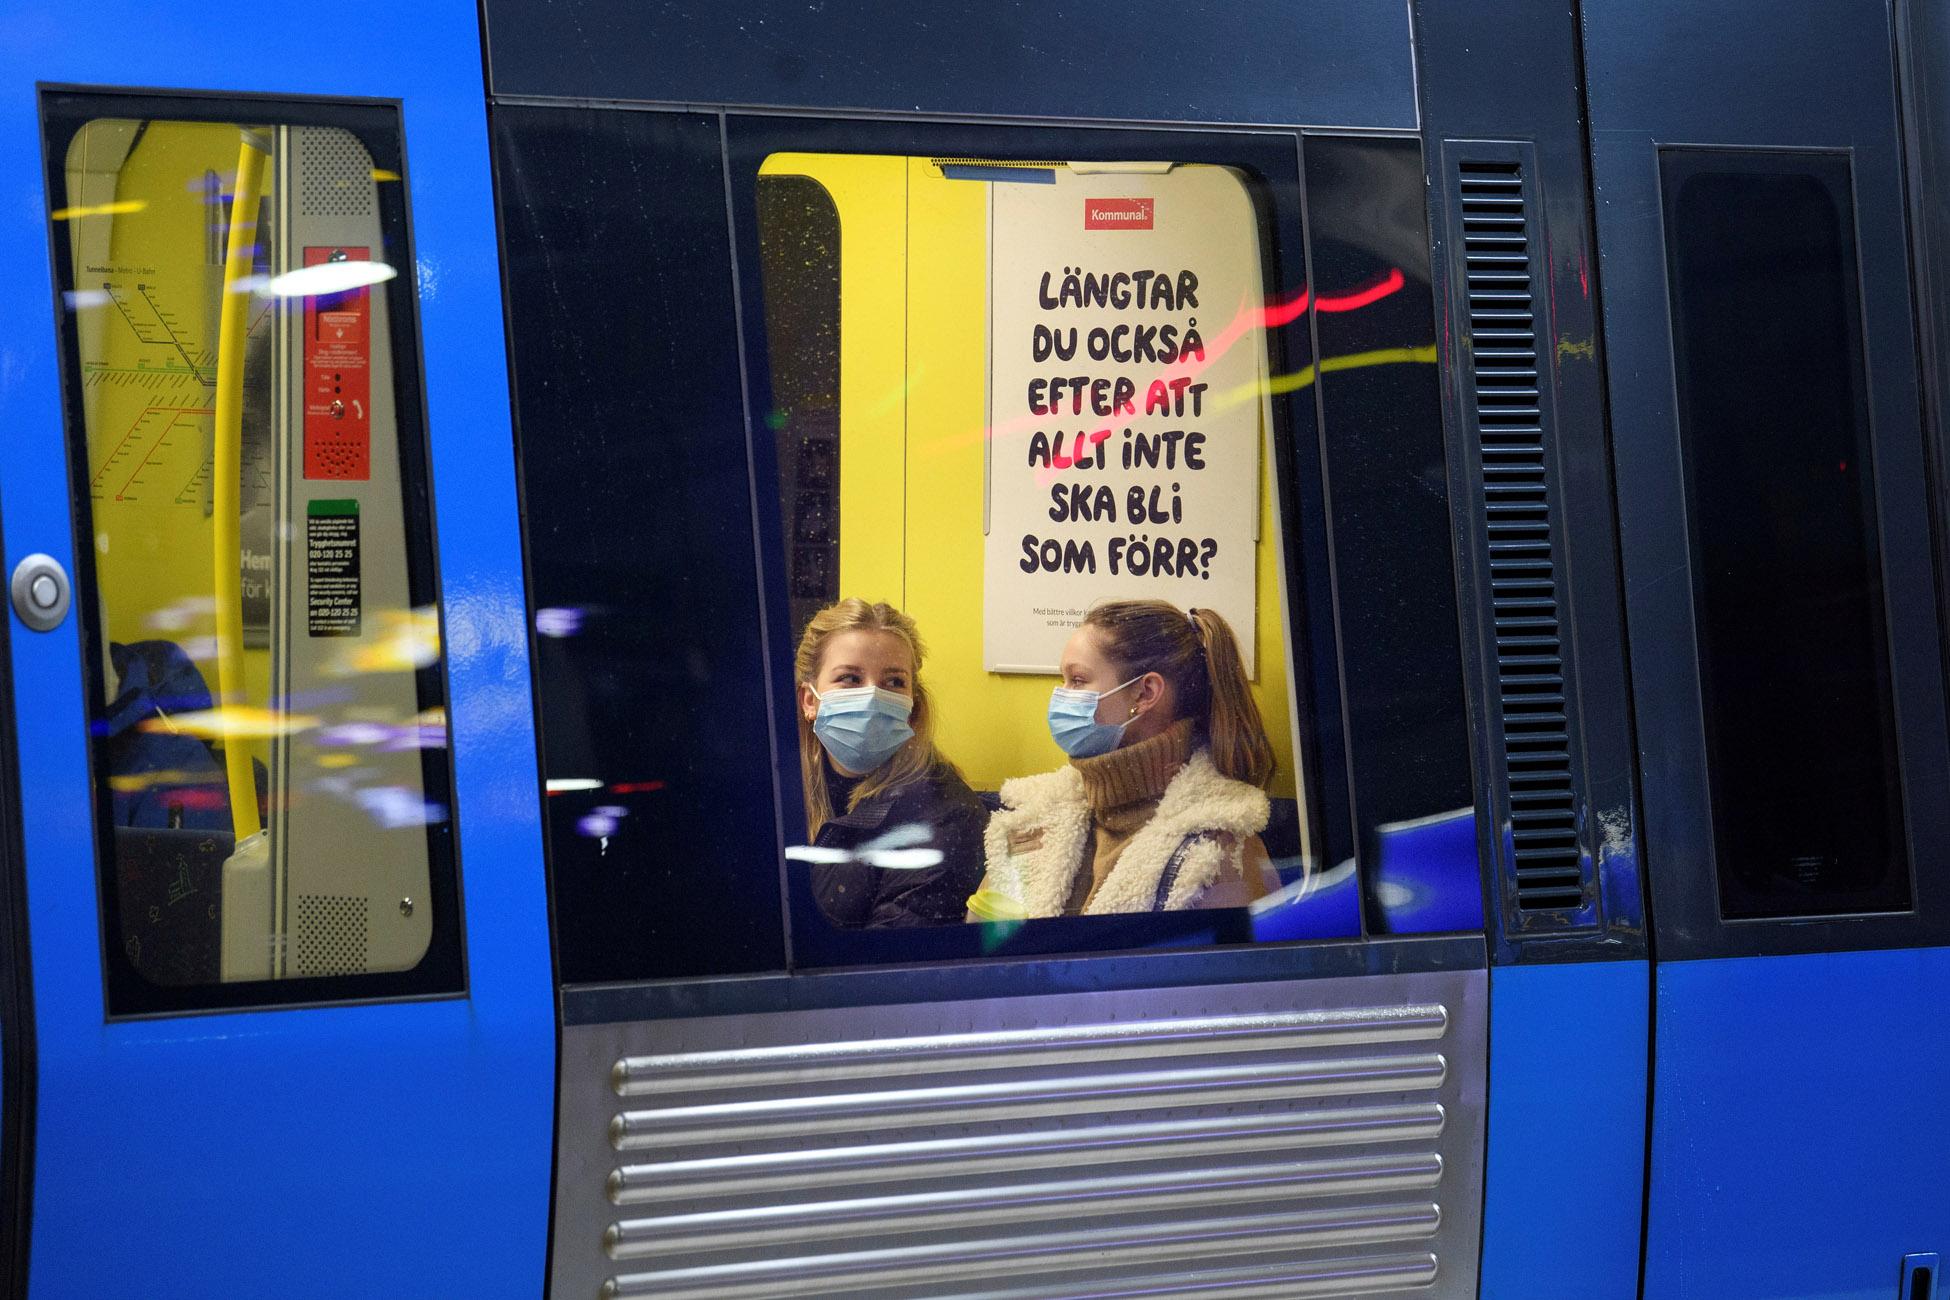 Σουηδία: Αυστηροί κανόνες στις μετακινήσεις για να αναχαιτιστεί ο κορονοϊός